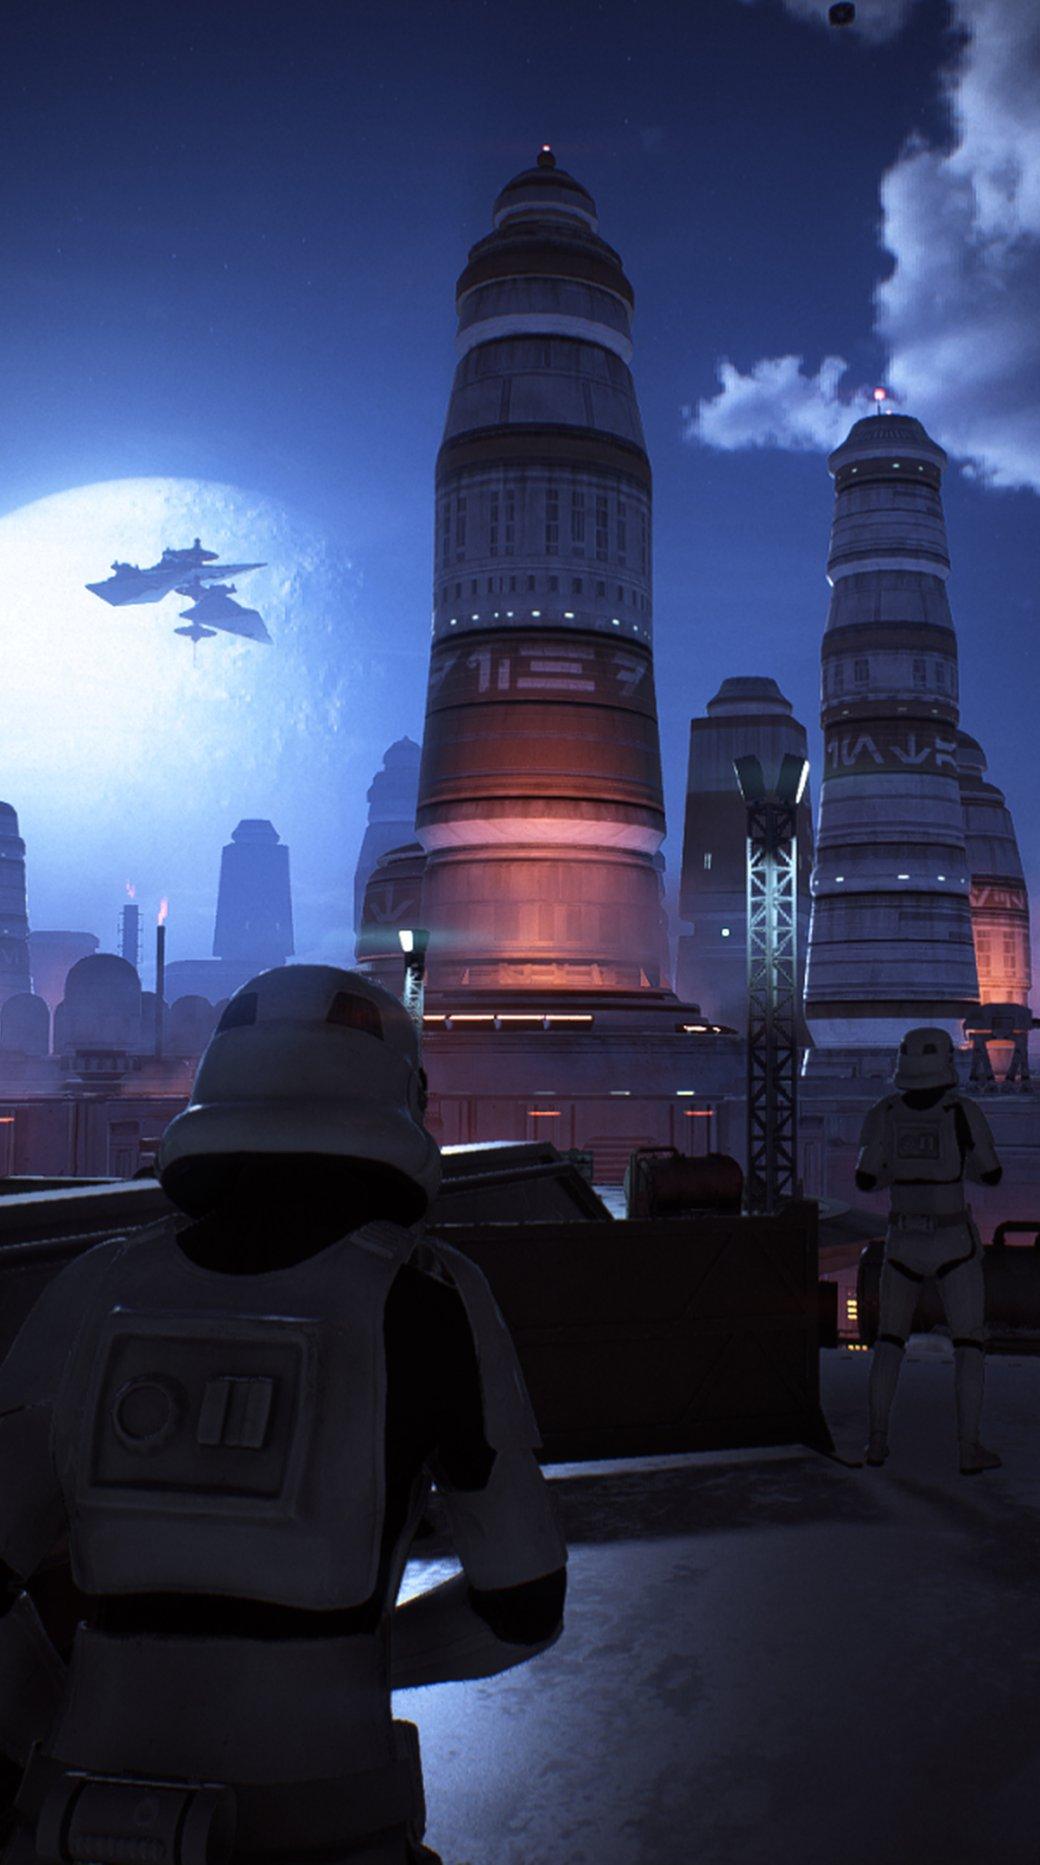 Рецензия на Star Wars Battlefront II (2017) | Канобу - Изображение 3